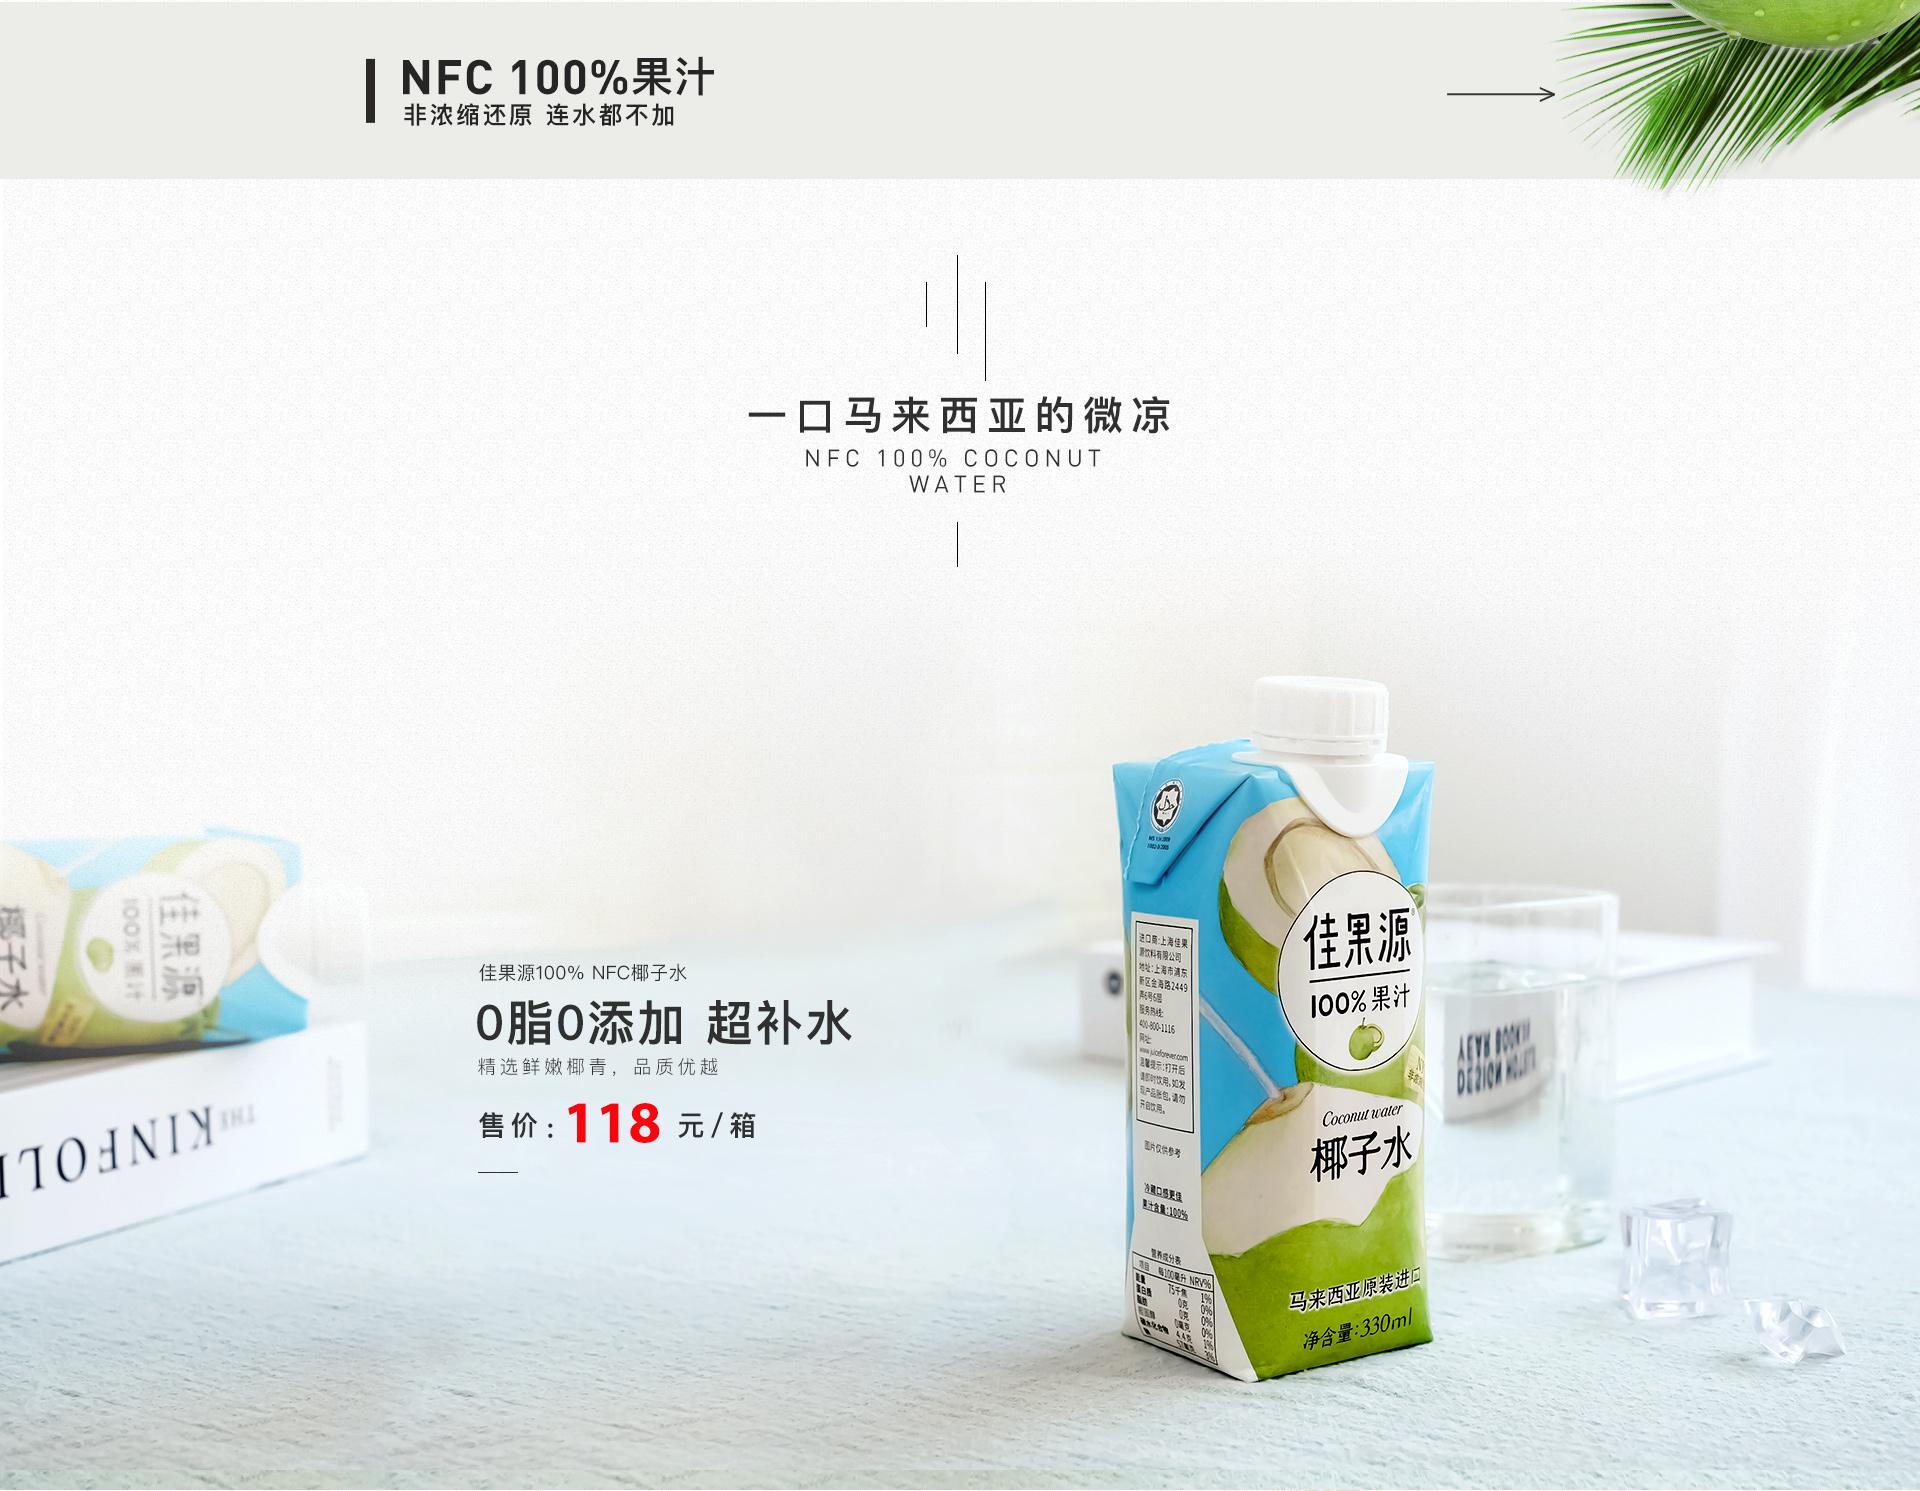 佳果源-NFC版首页-new副本_05